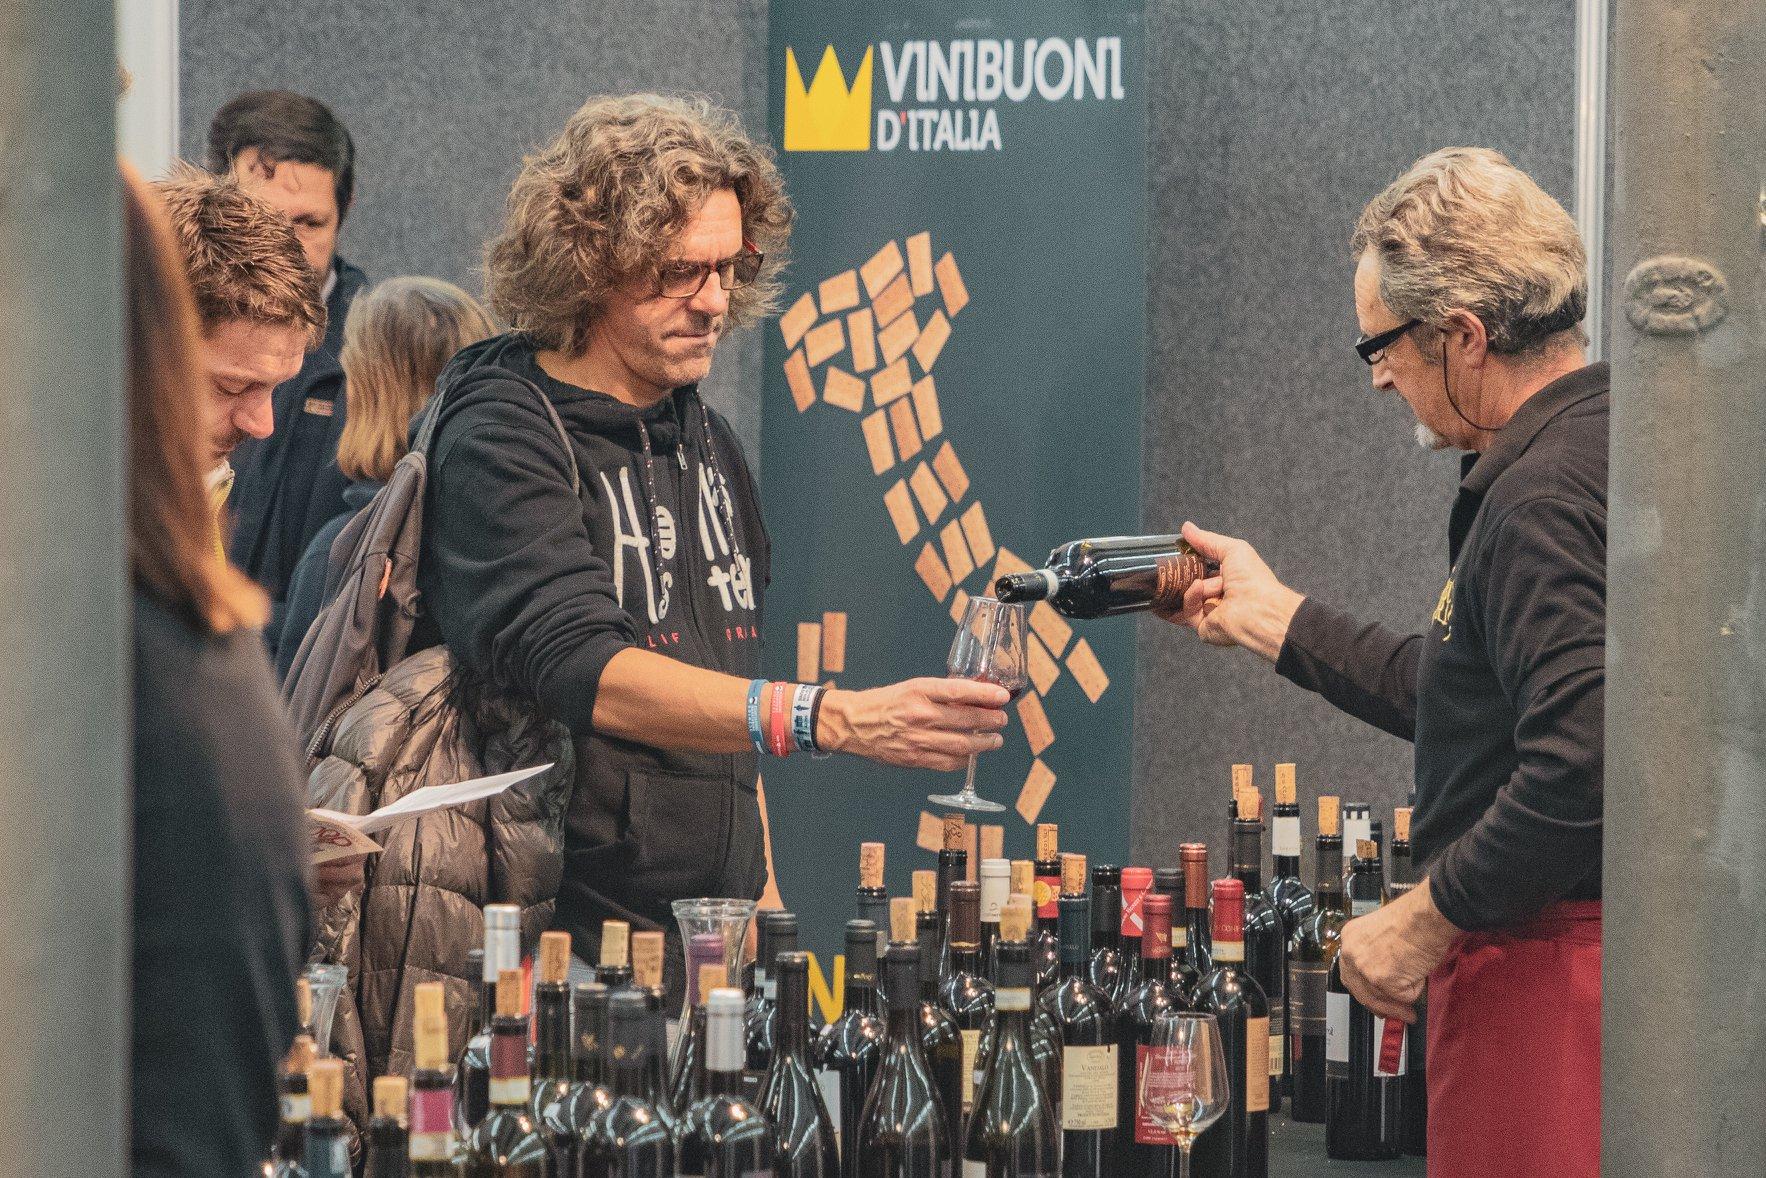 Degustazione a Vini Buoni D'Italia 2019